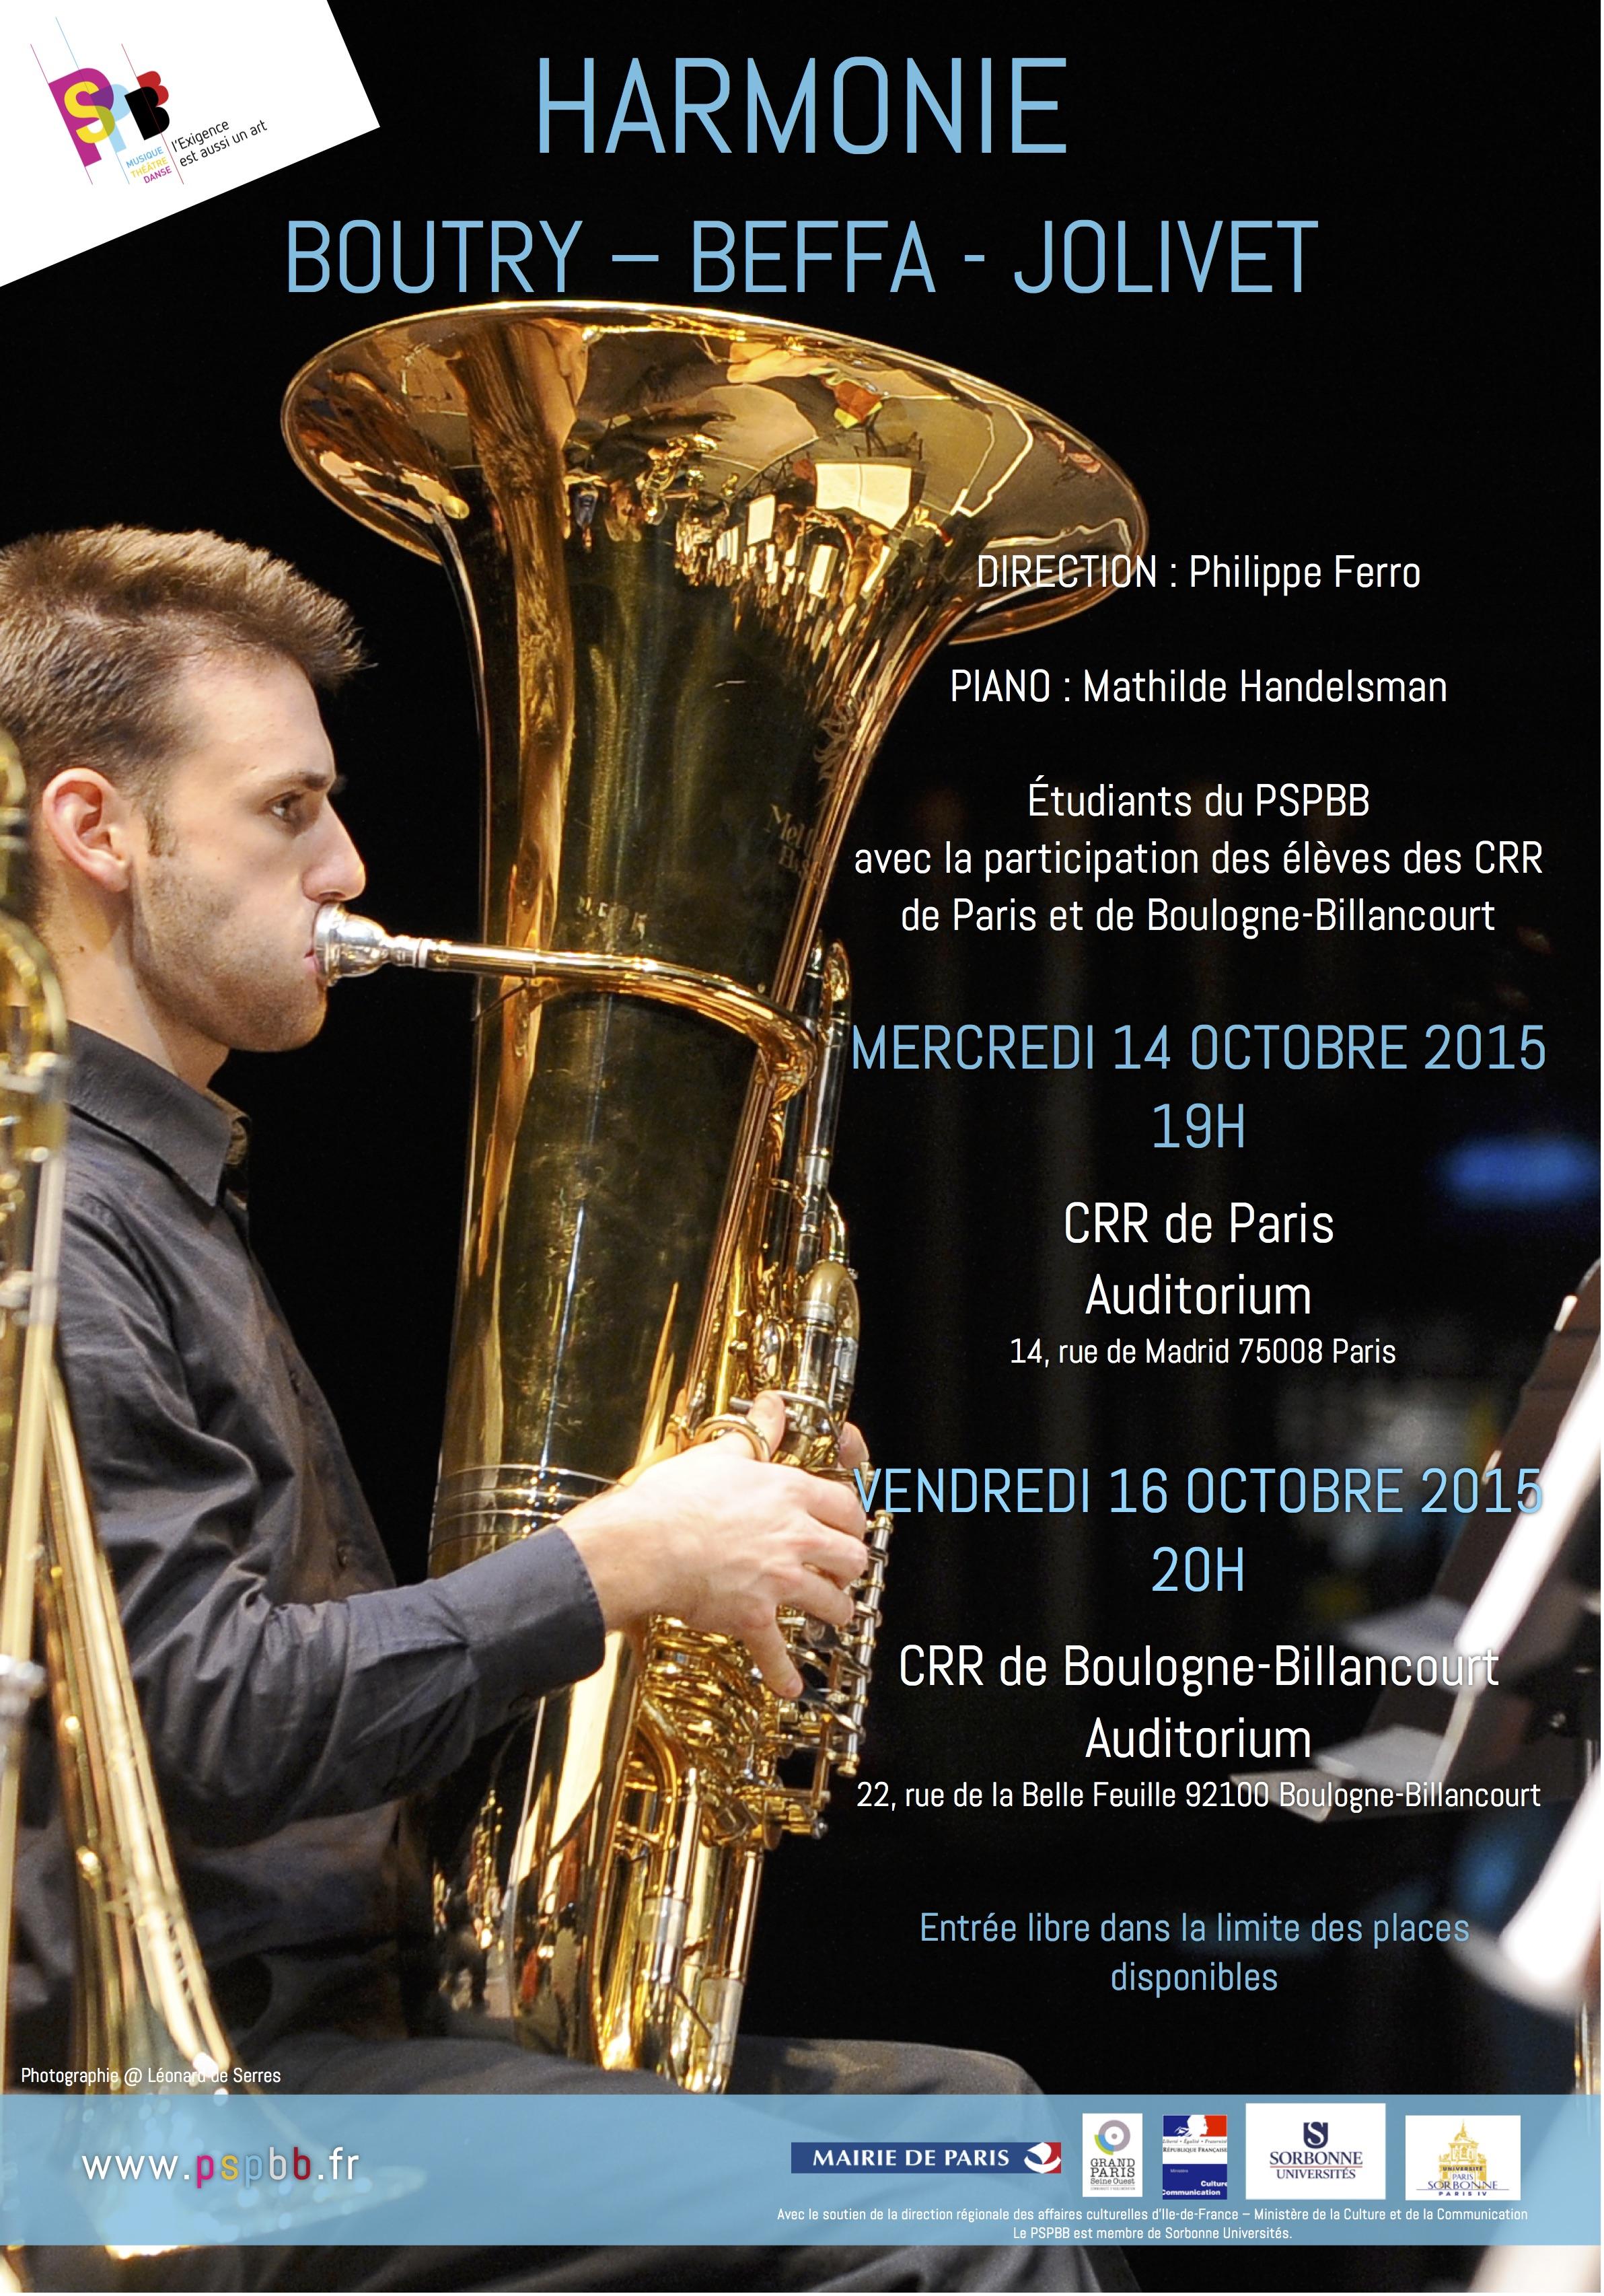 Concerts Harmonie